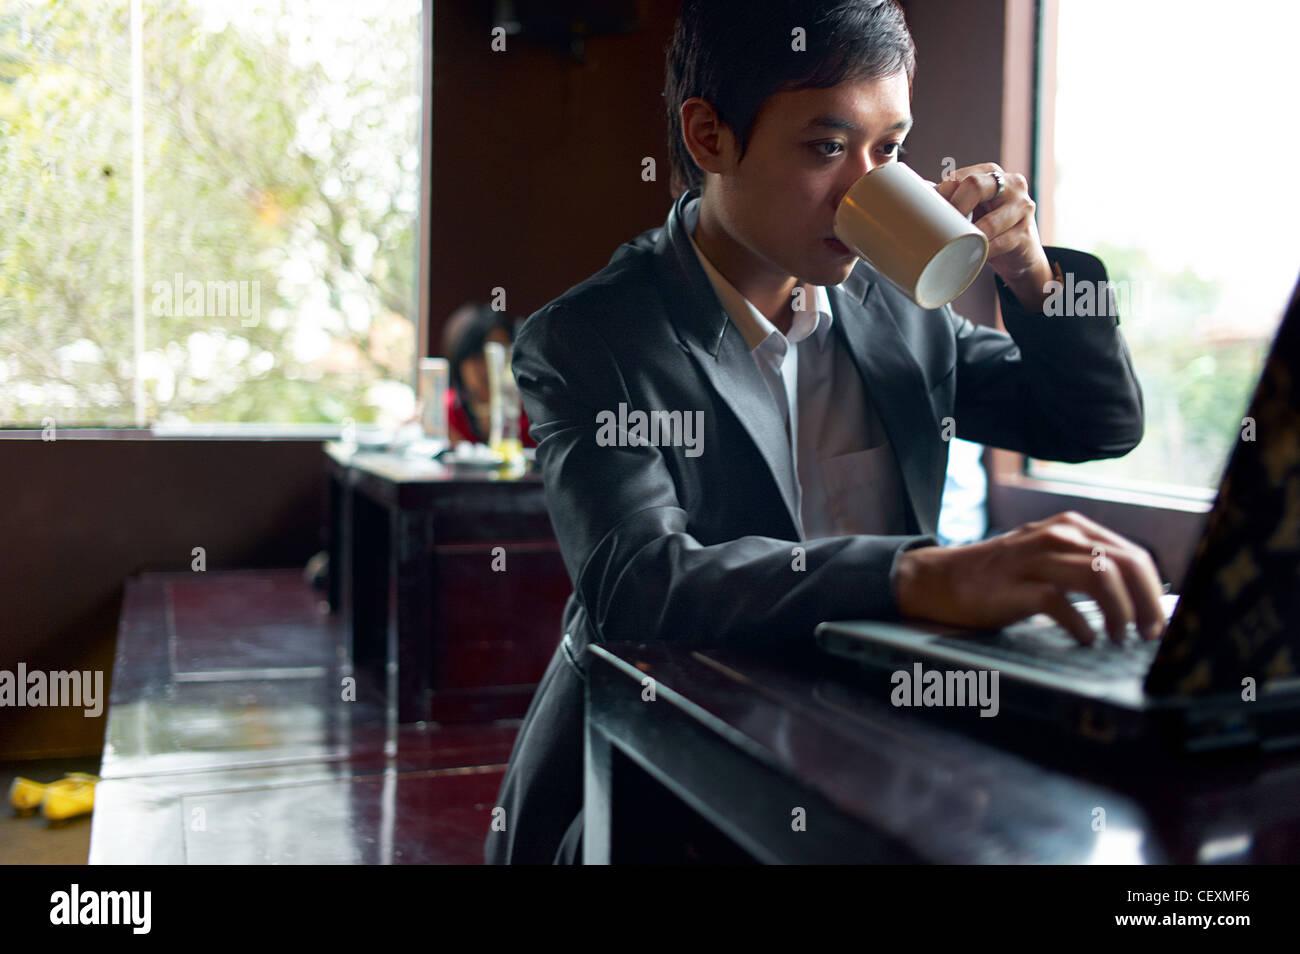 Un giovane imprenditore beve caffè mentre si lavora sul suo computer portatile in un caffè di Hanoi, Vietnam Immagini Stock